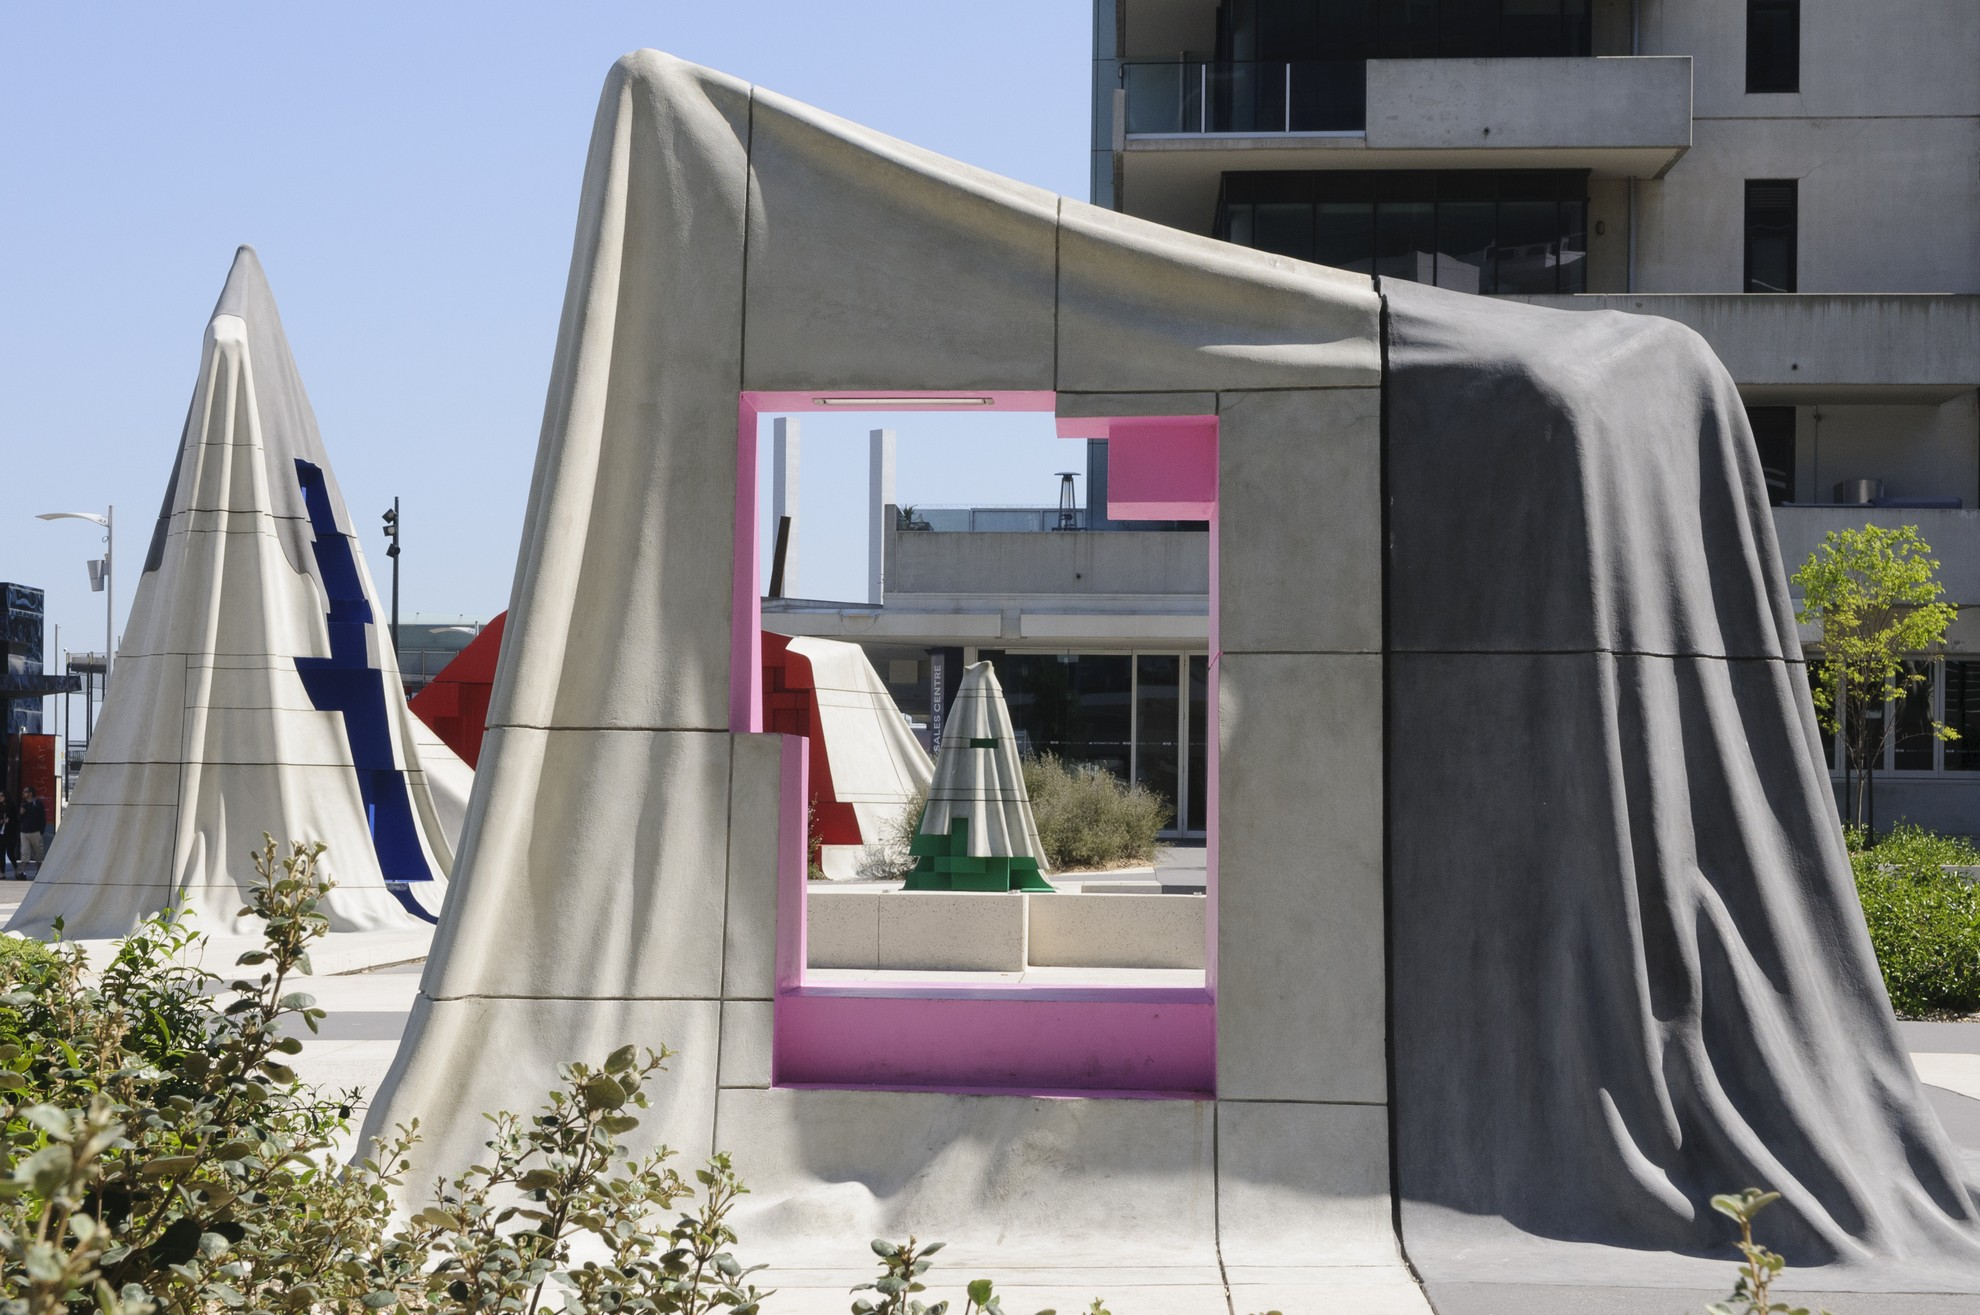 Public art and memorials